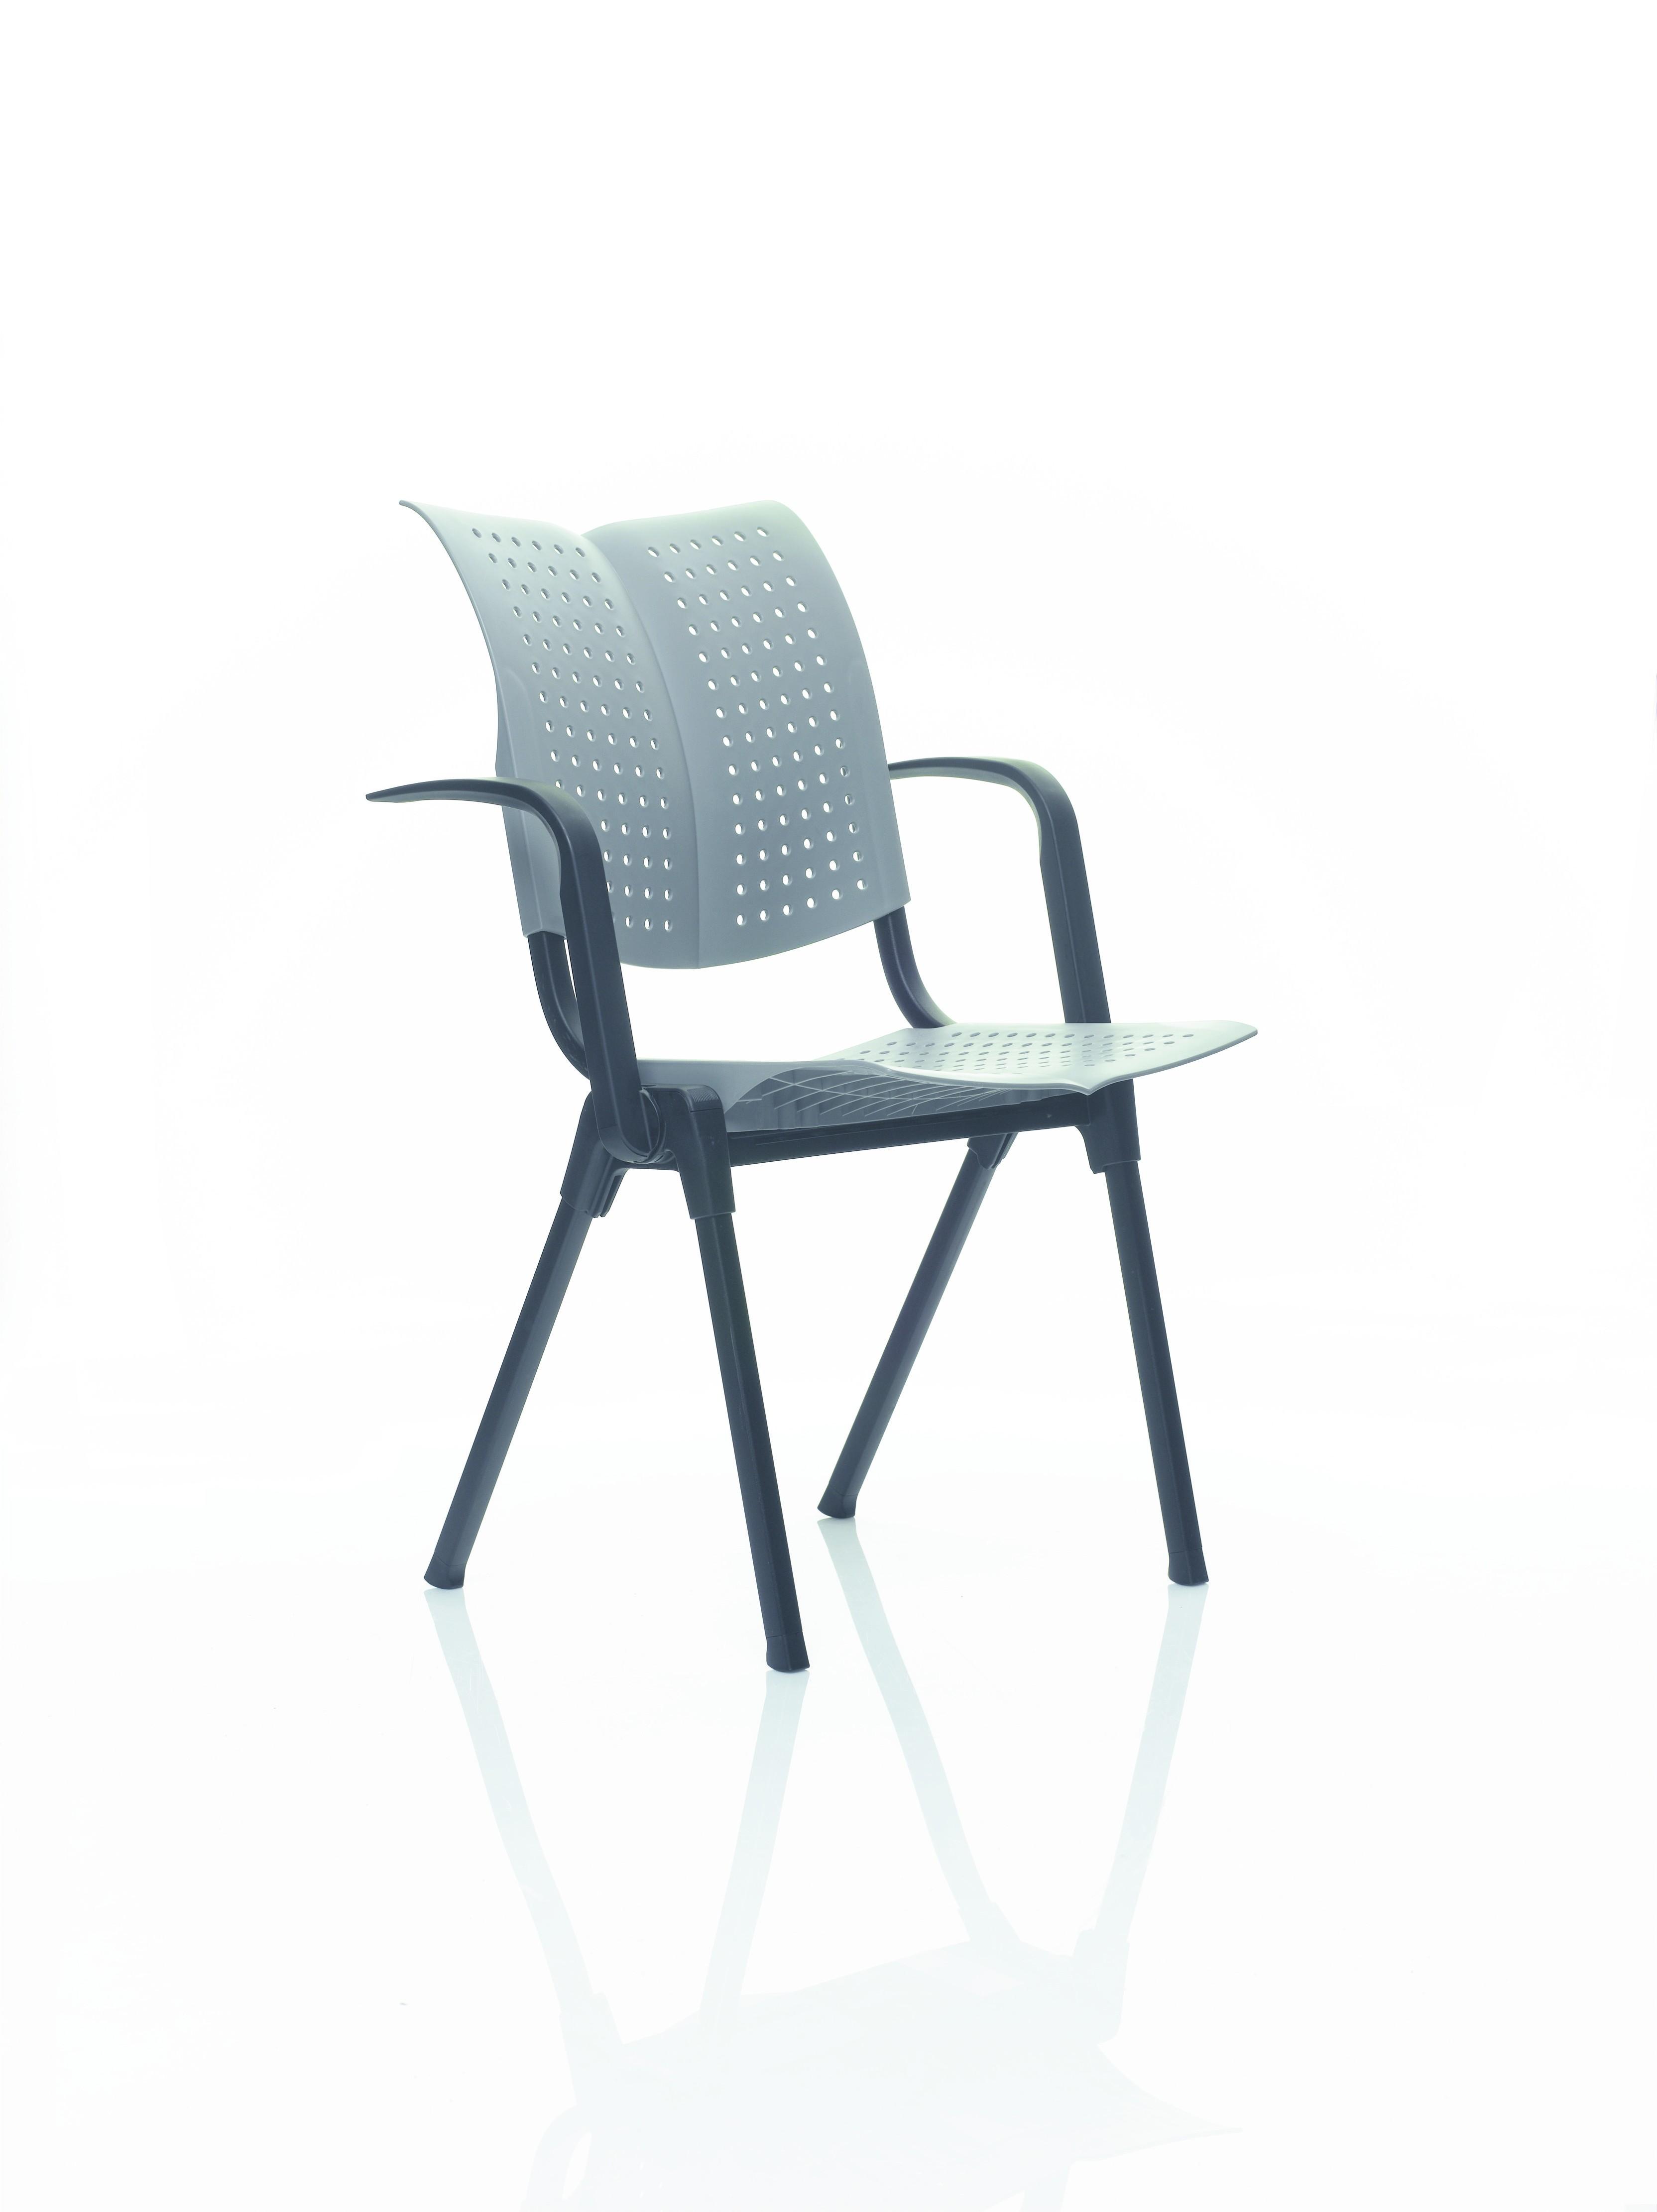 """HÅG Mehrzweckstuhl """"Conventio Wing"""" Modelle 9811, 9821, 9831"""